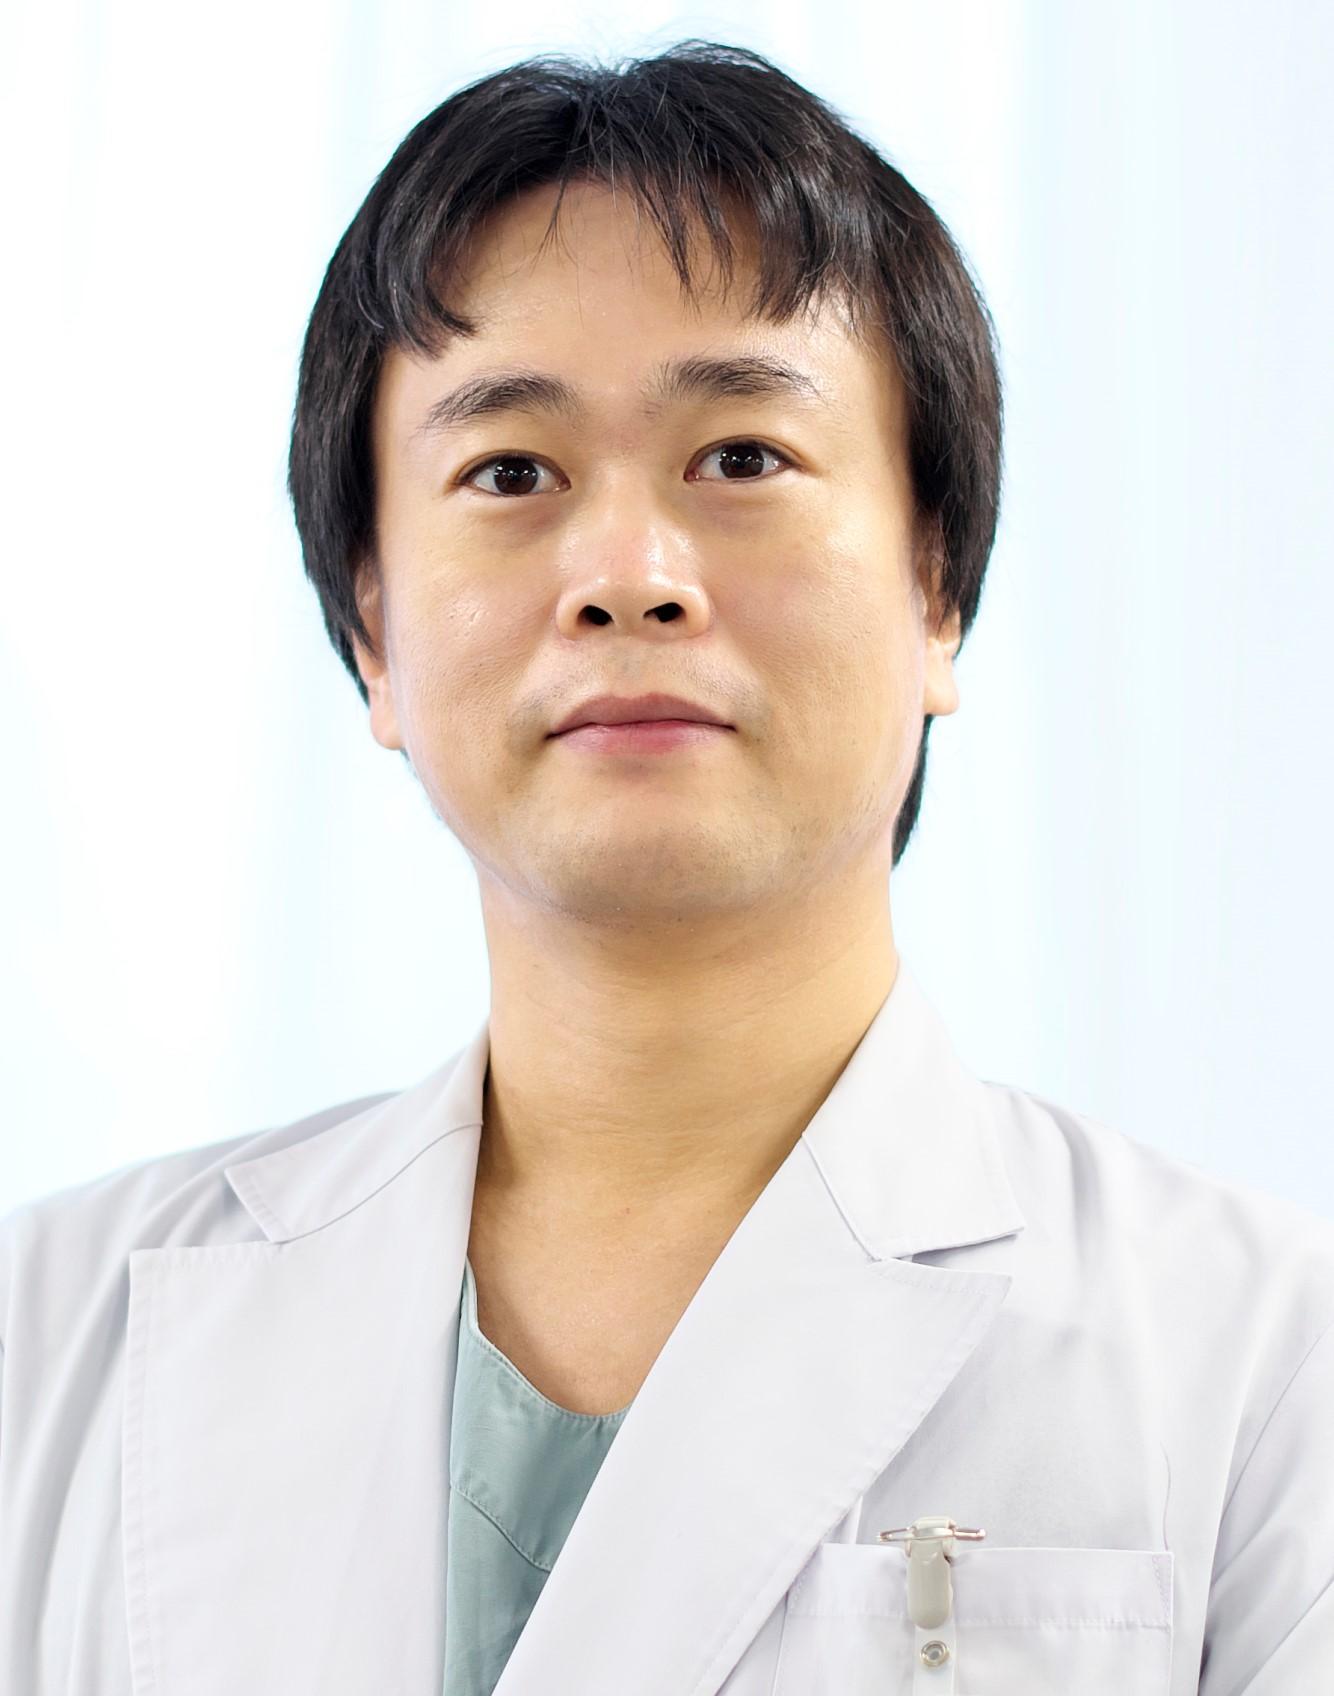 深堀外科医長.jpg